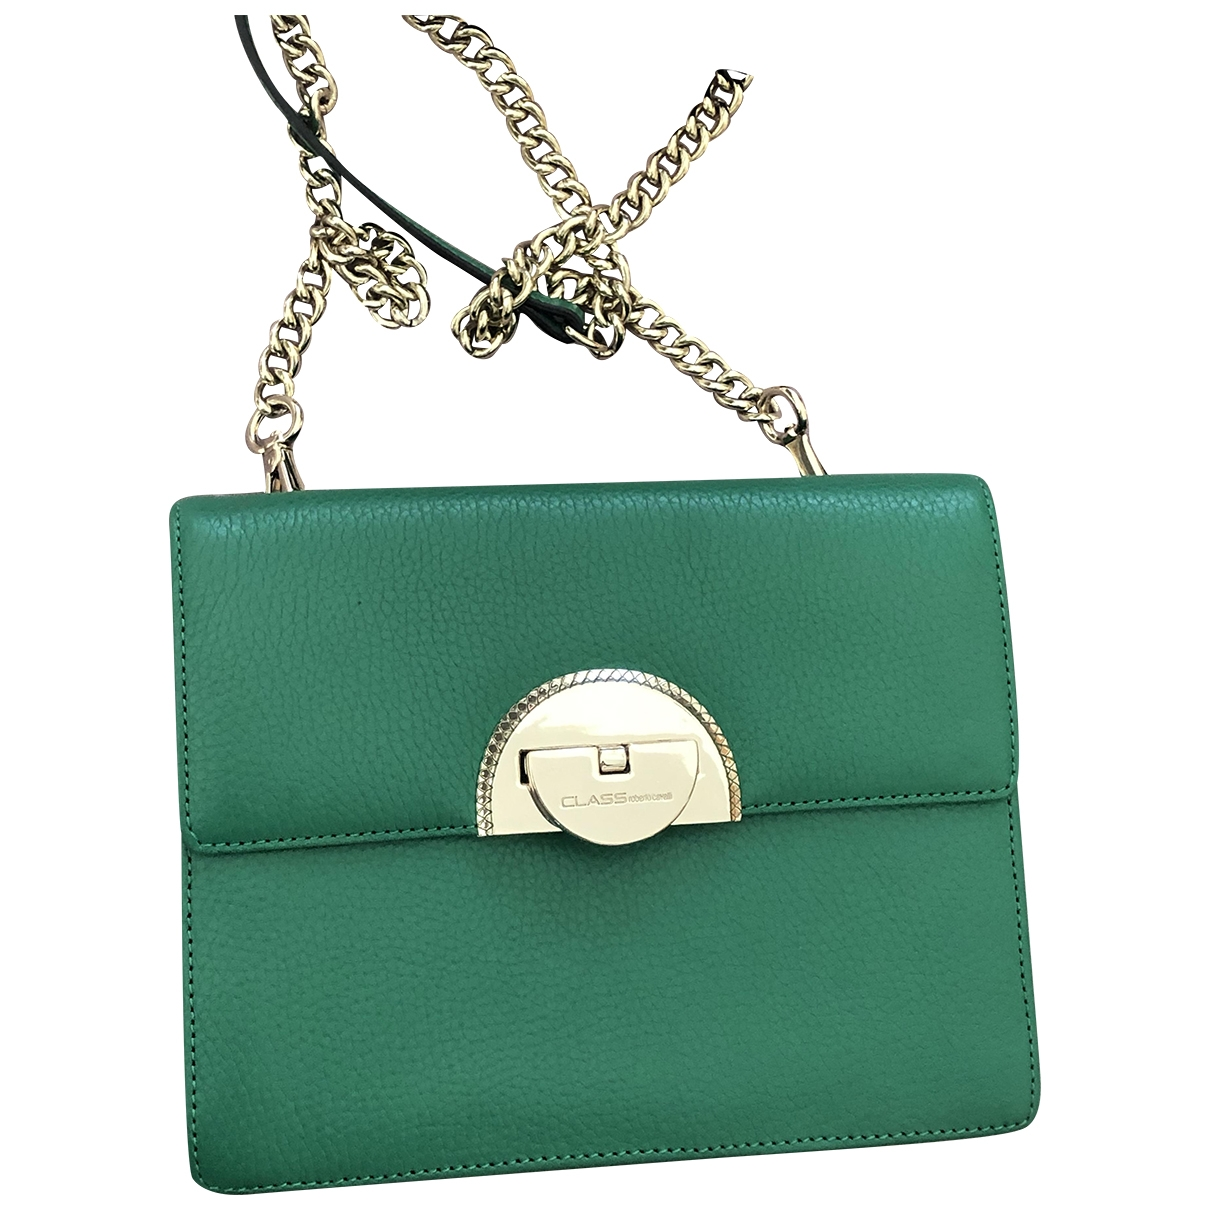 Roberto Cavalli \N Handtasche in  Gruen Leder